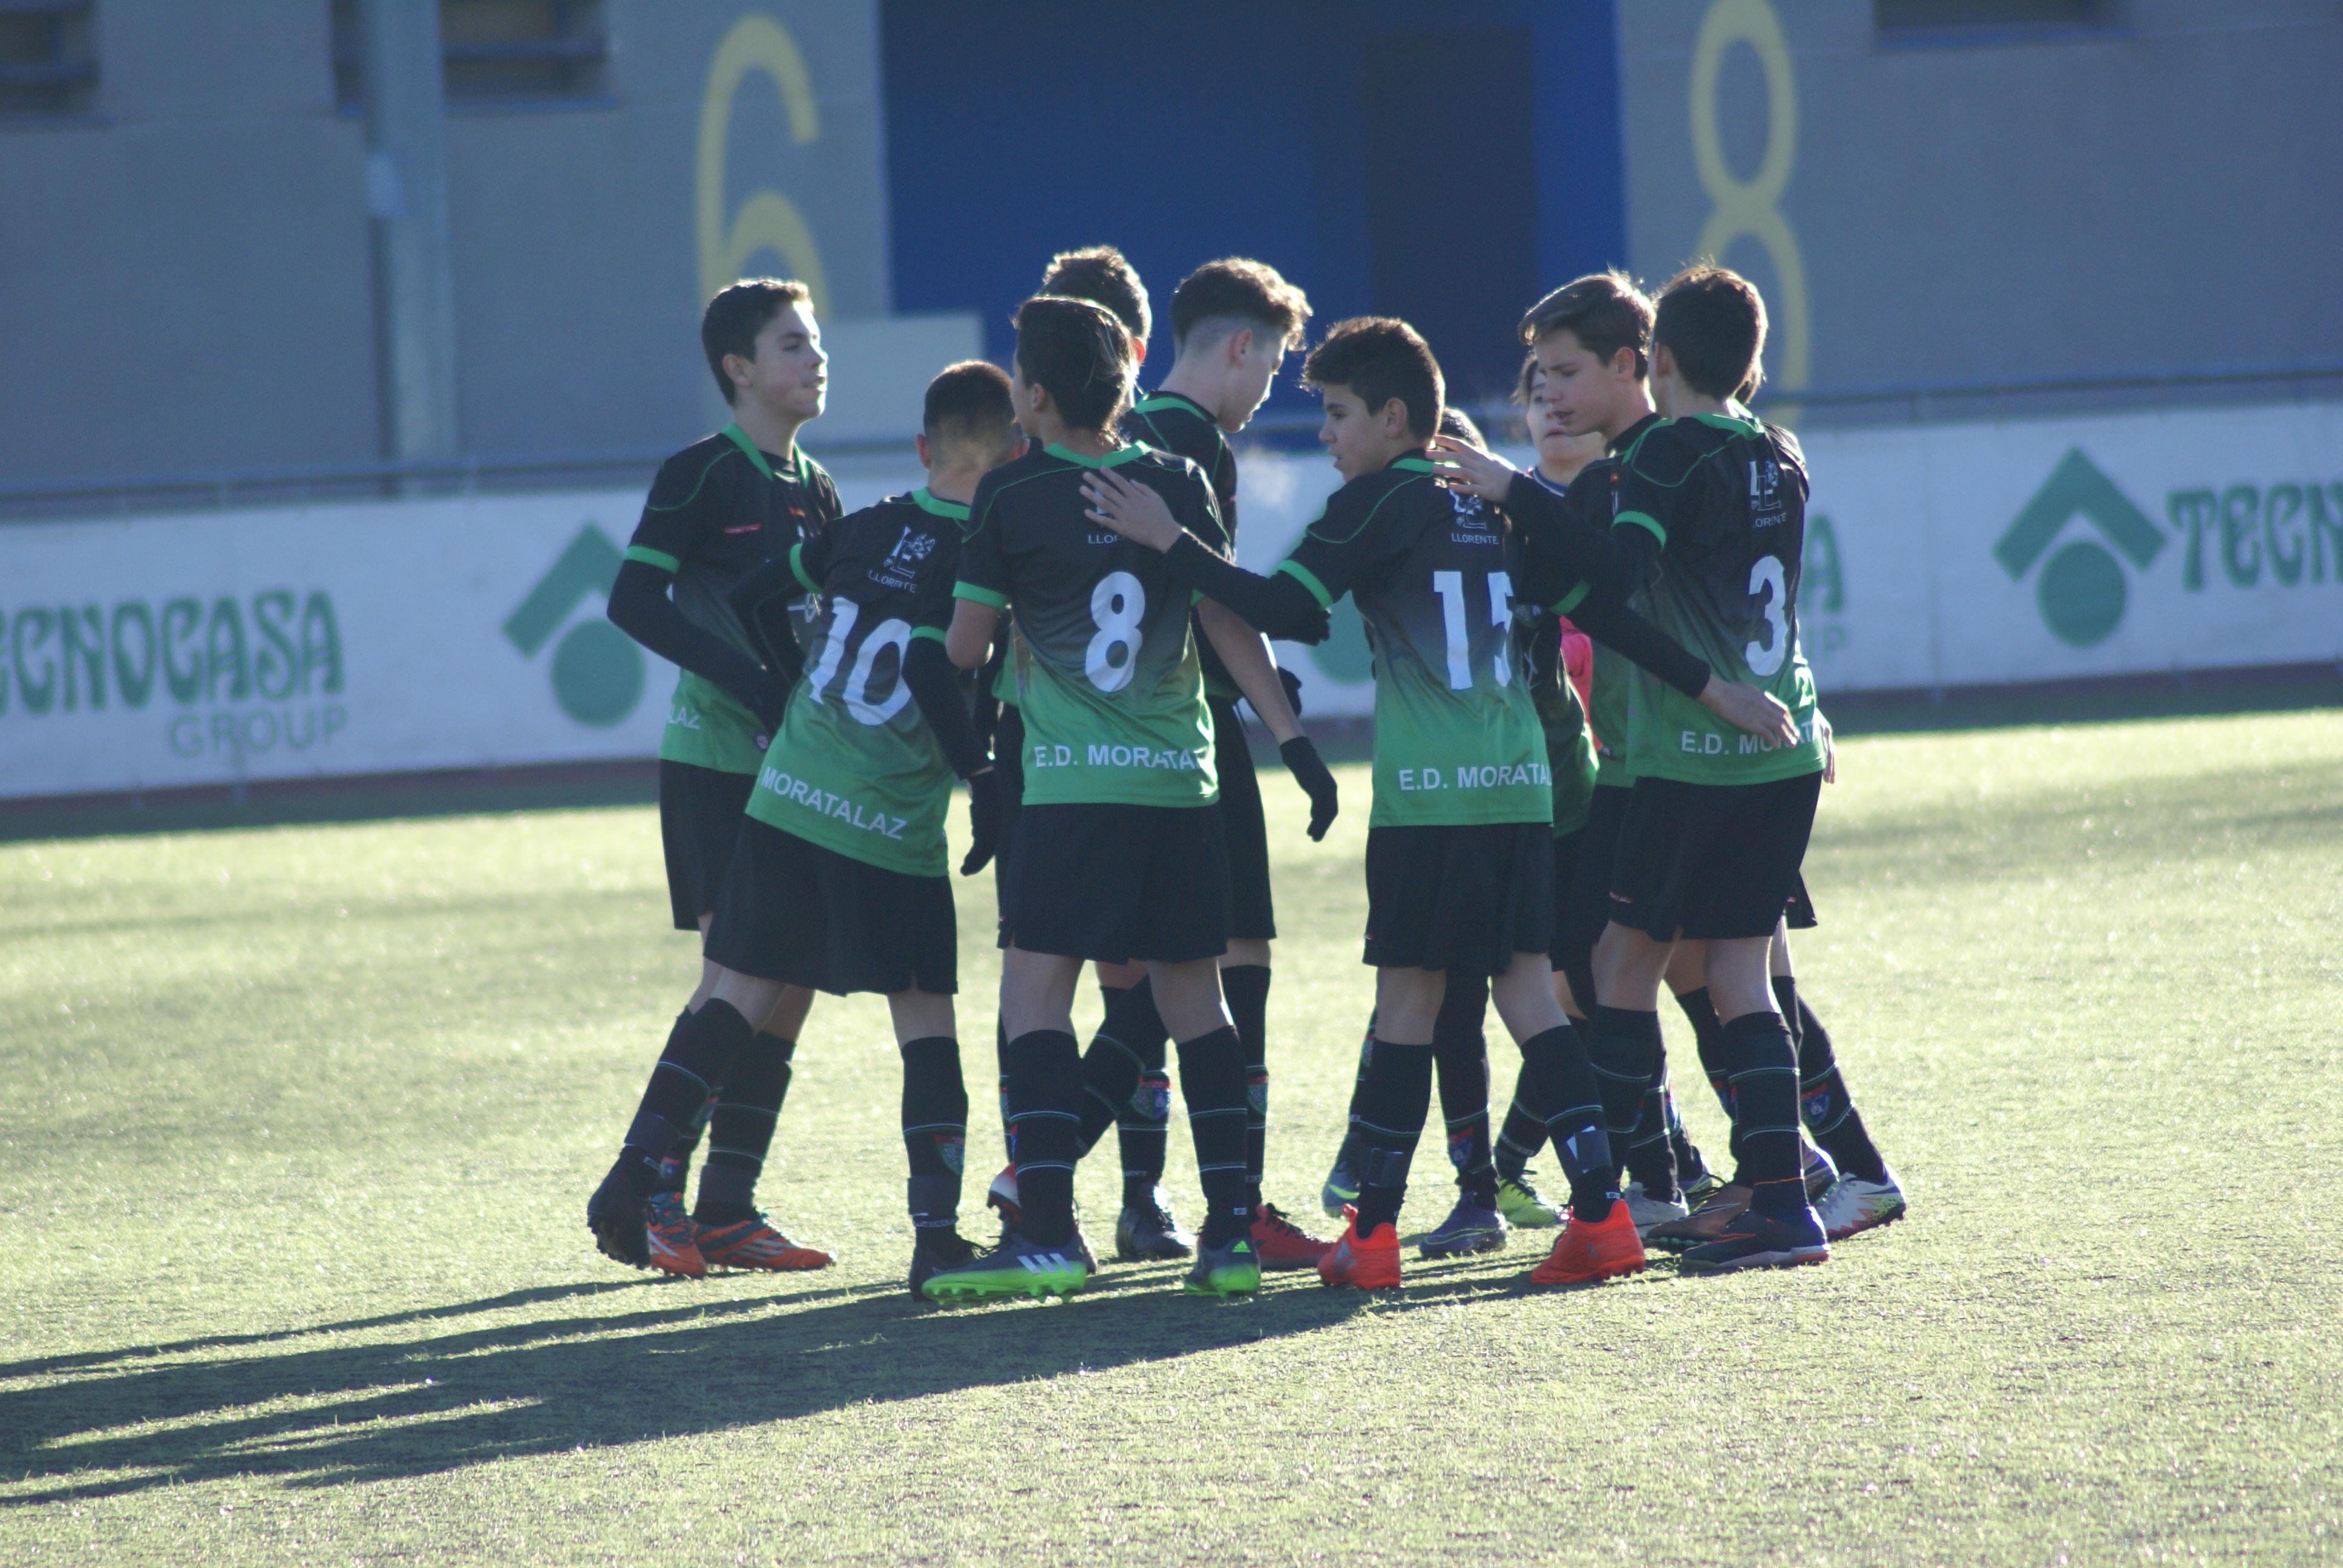 Fotos del partido Getafe CF F 4-0 Infantil C